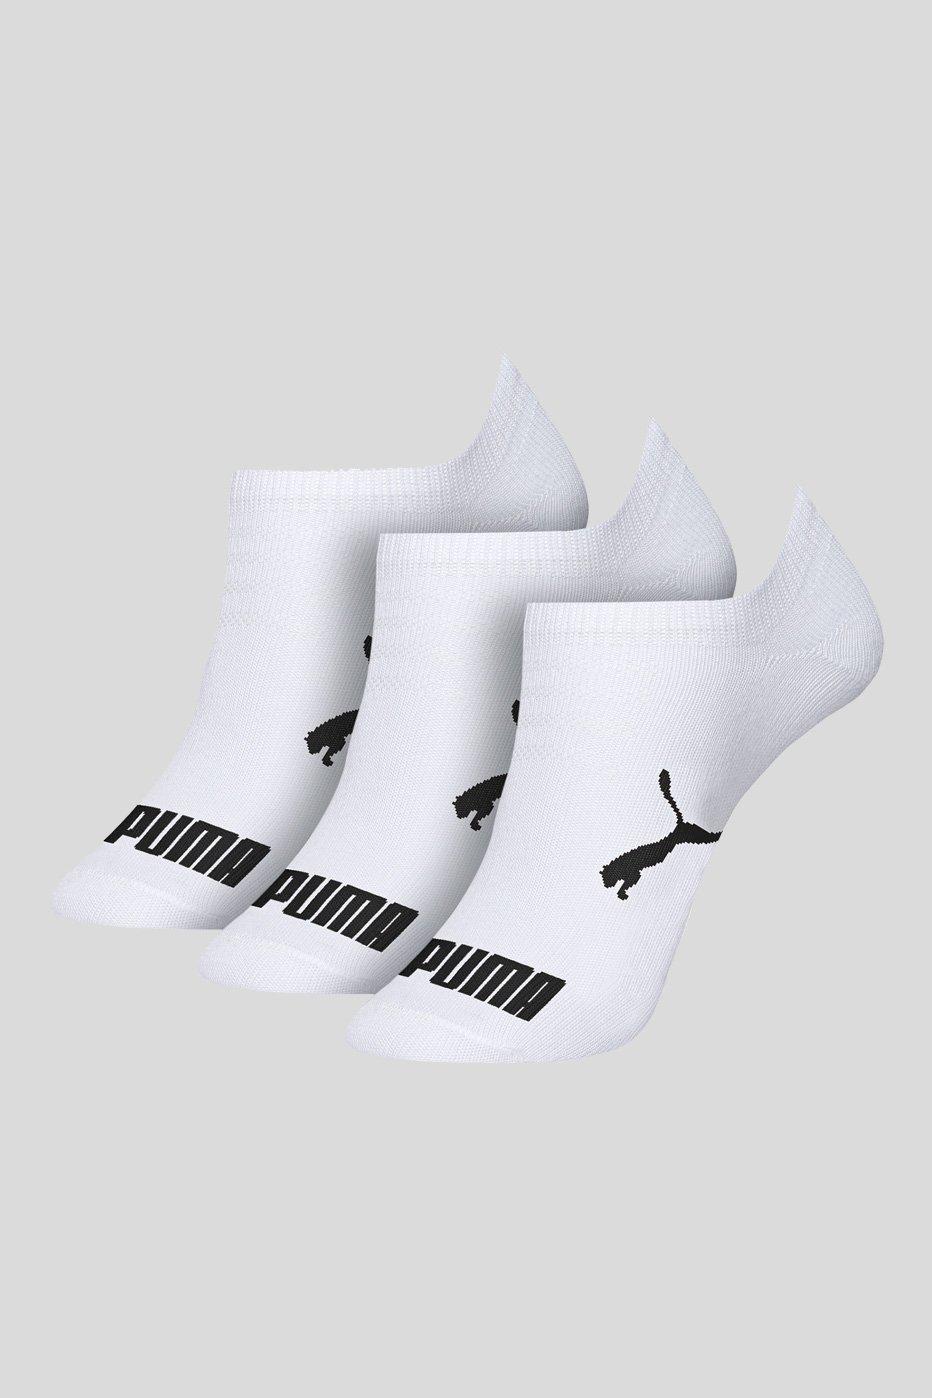 Branco/Branco/Branco